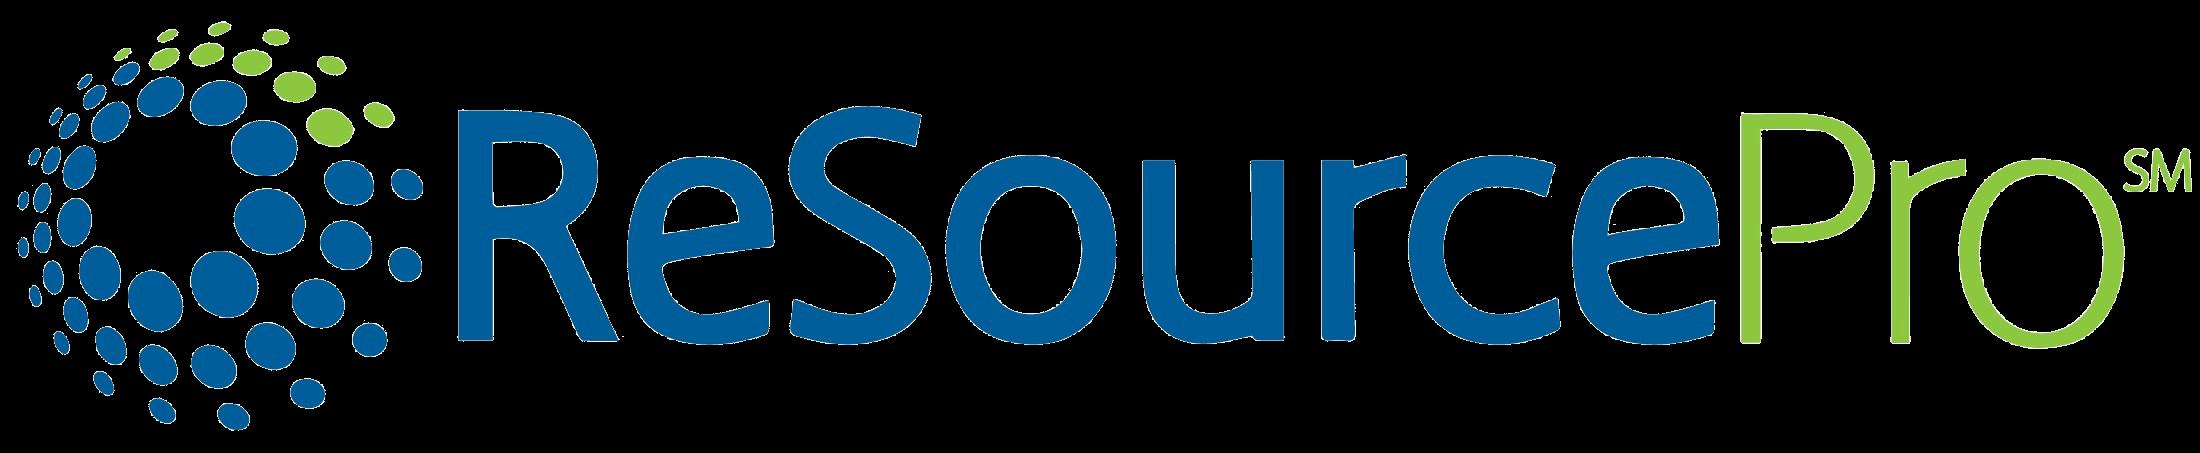 ResourcePro-Logo.png